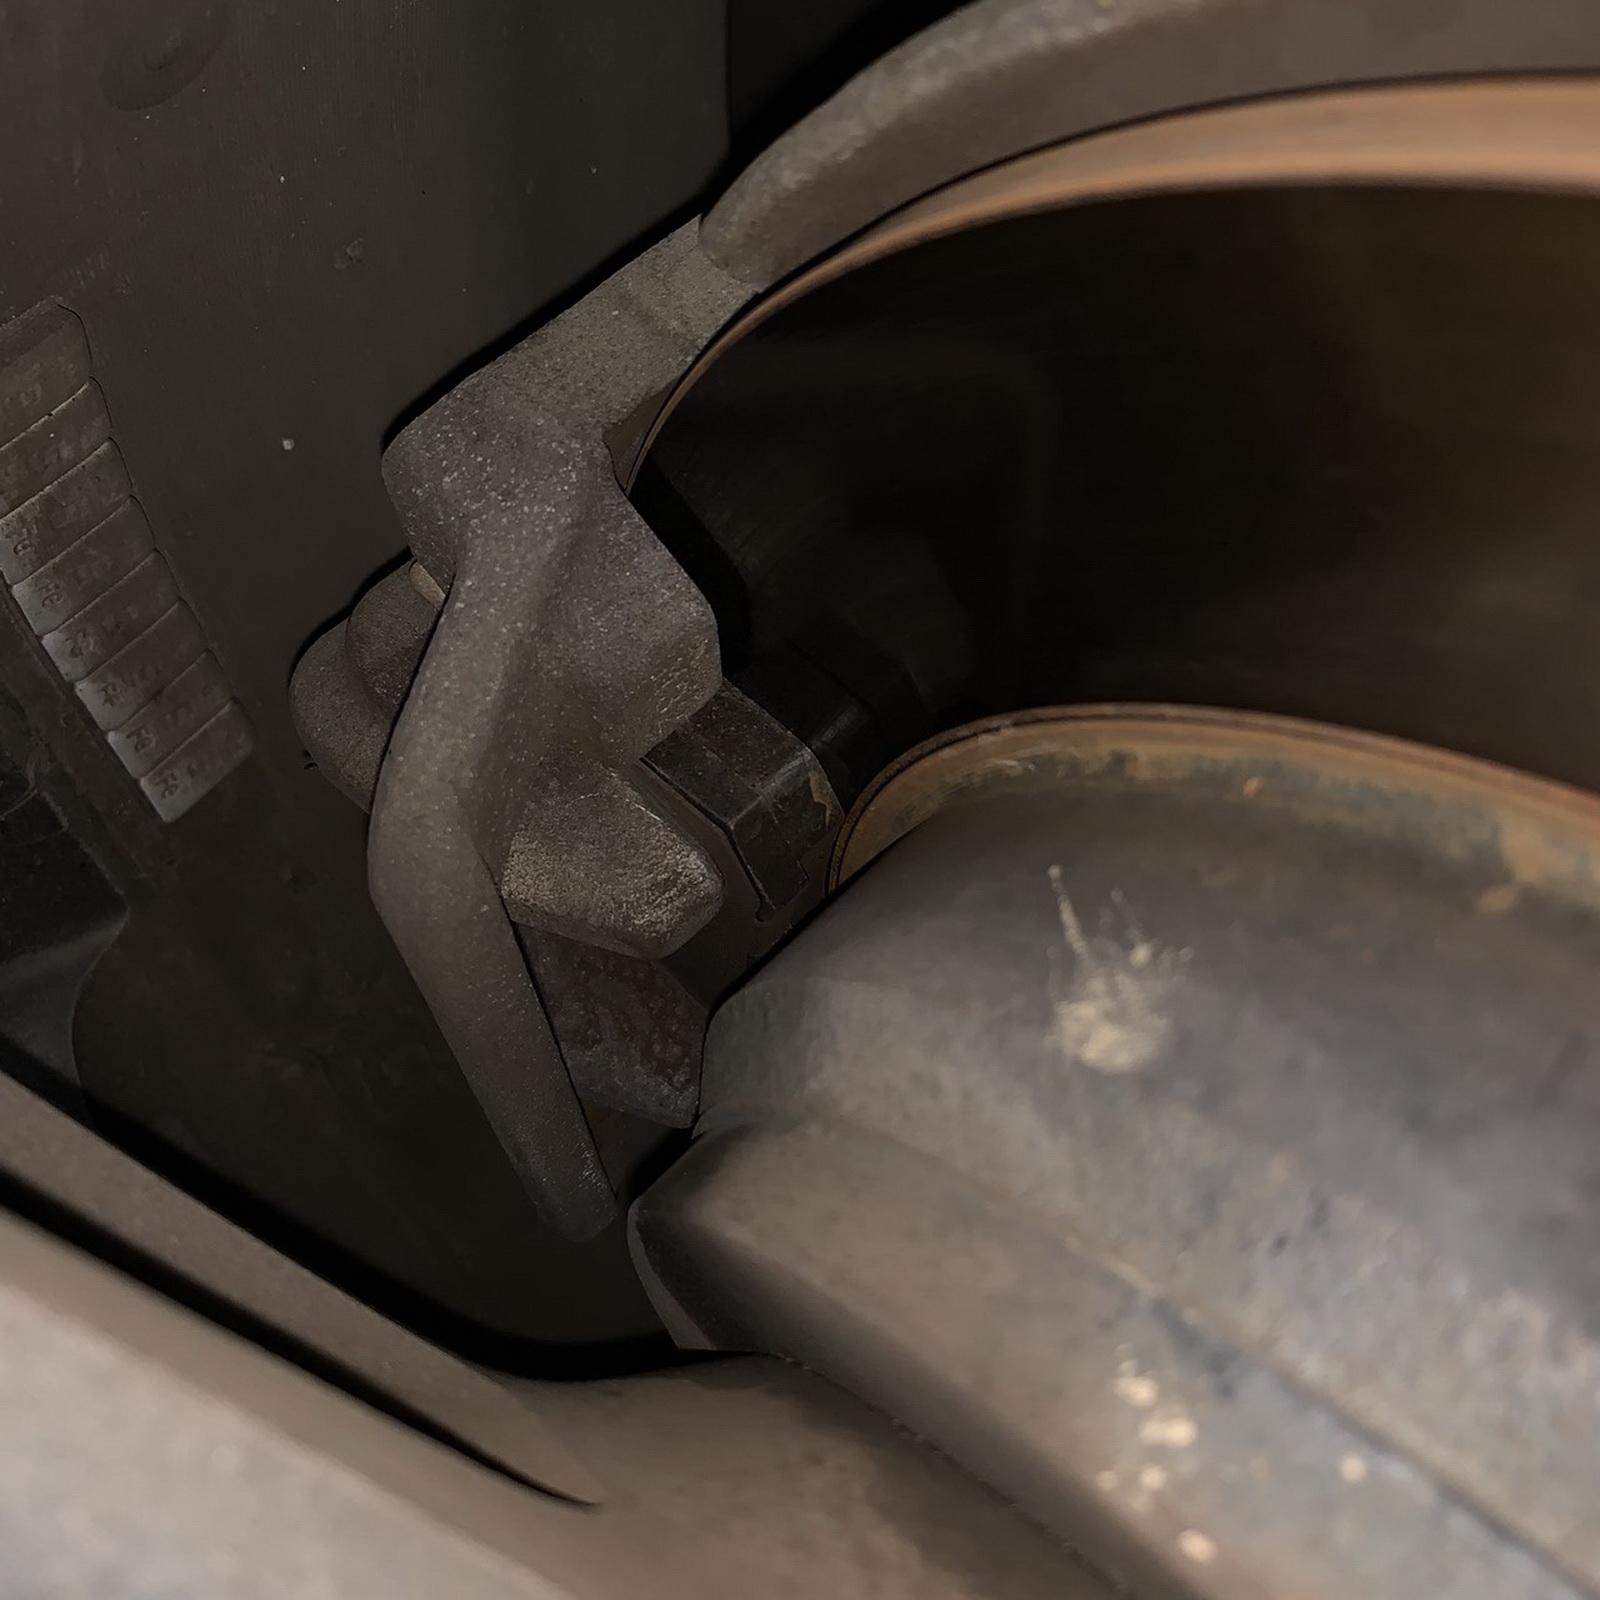 圖/▲目視檢查煞車來令片厚度是否超過2mm,照片中的來令片剛換新不久,可提供大家相對比較。